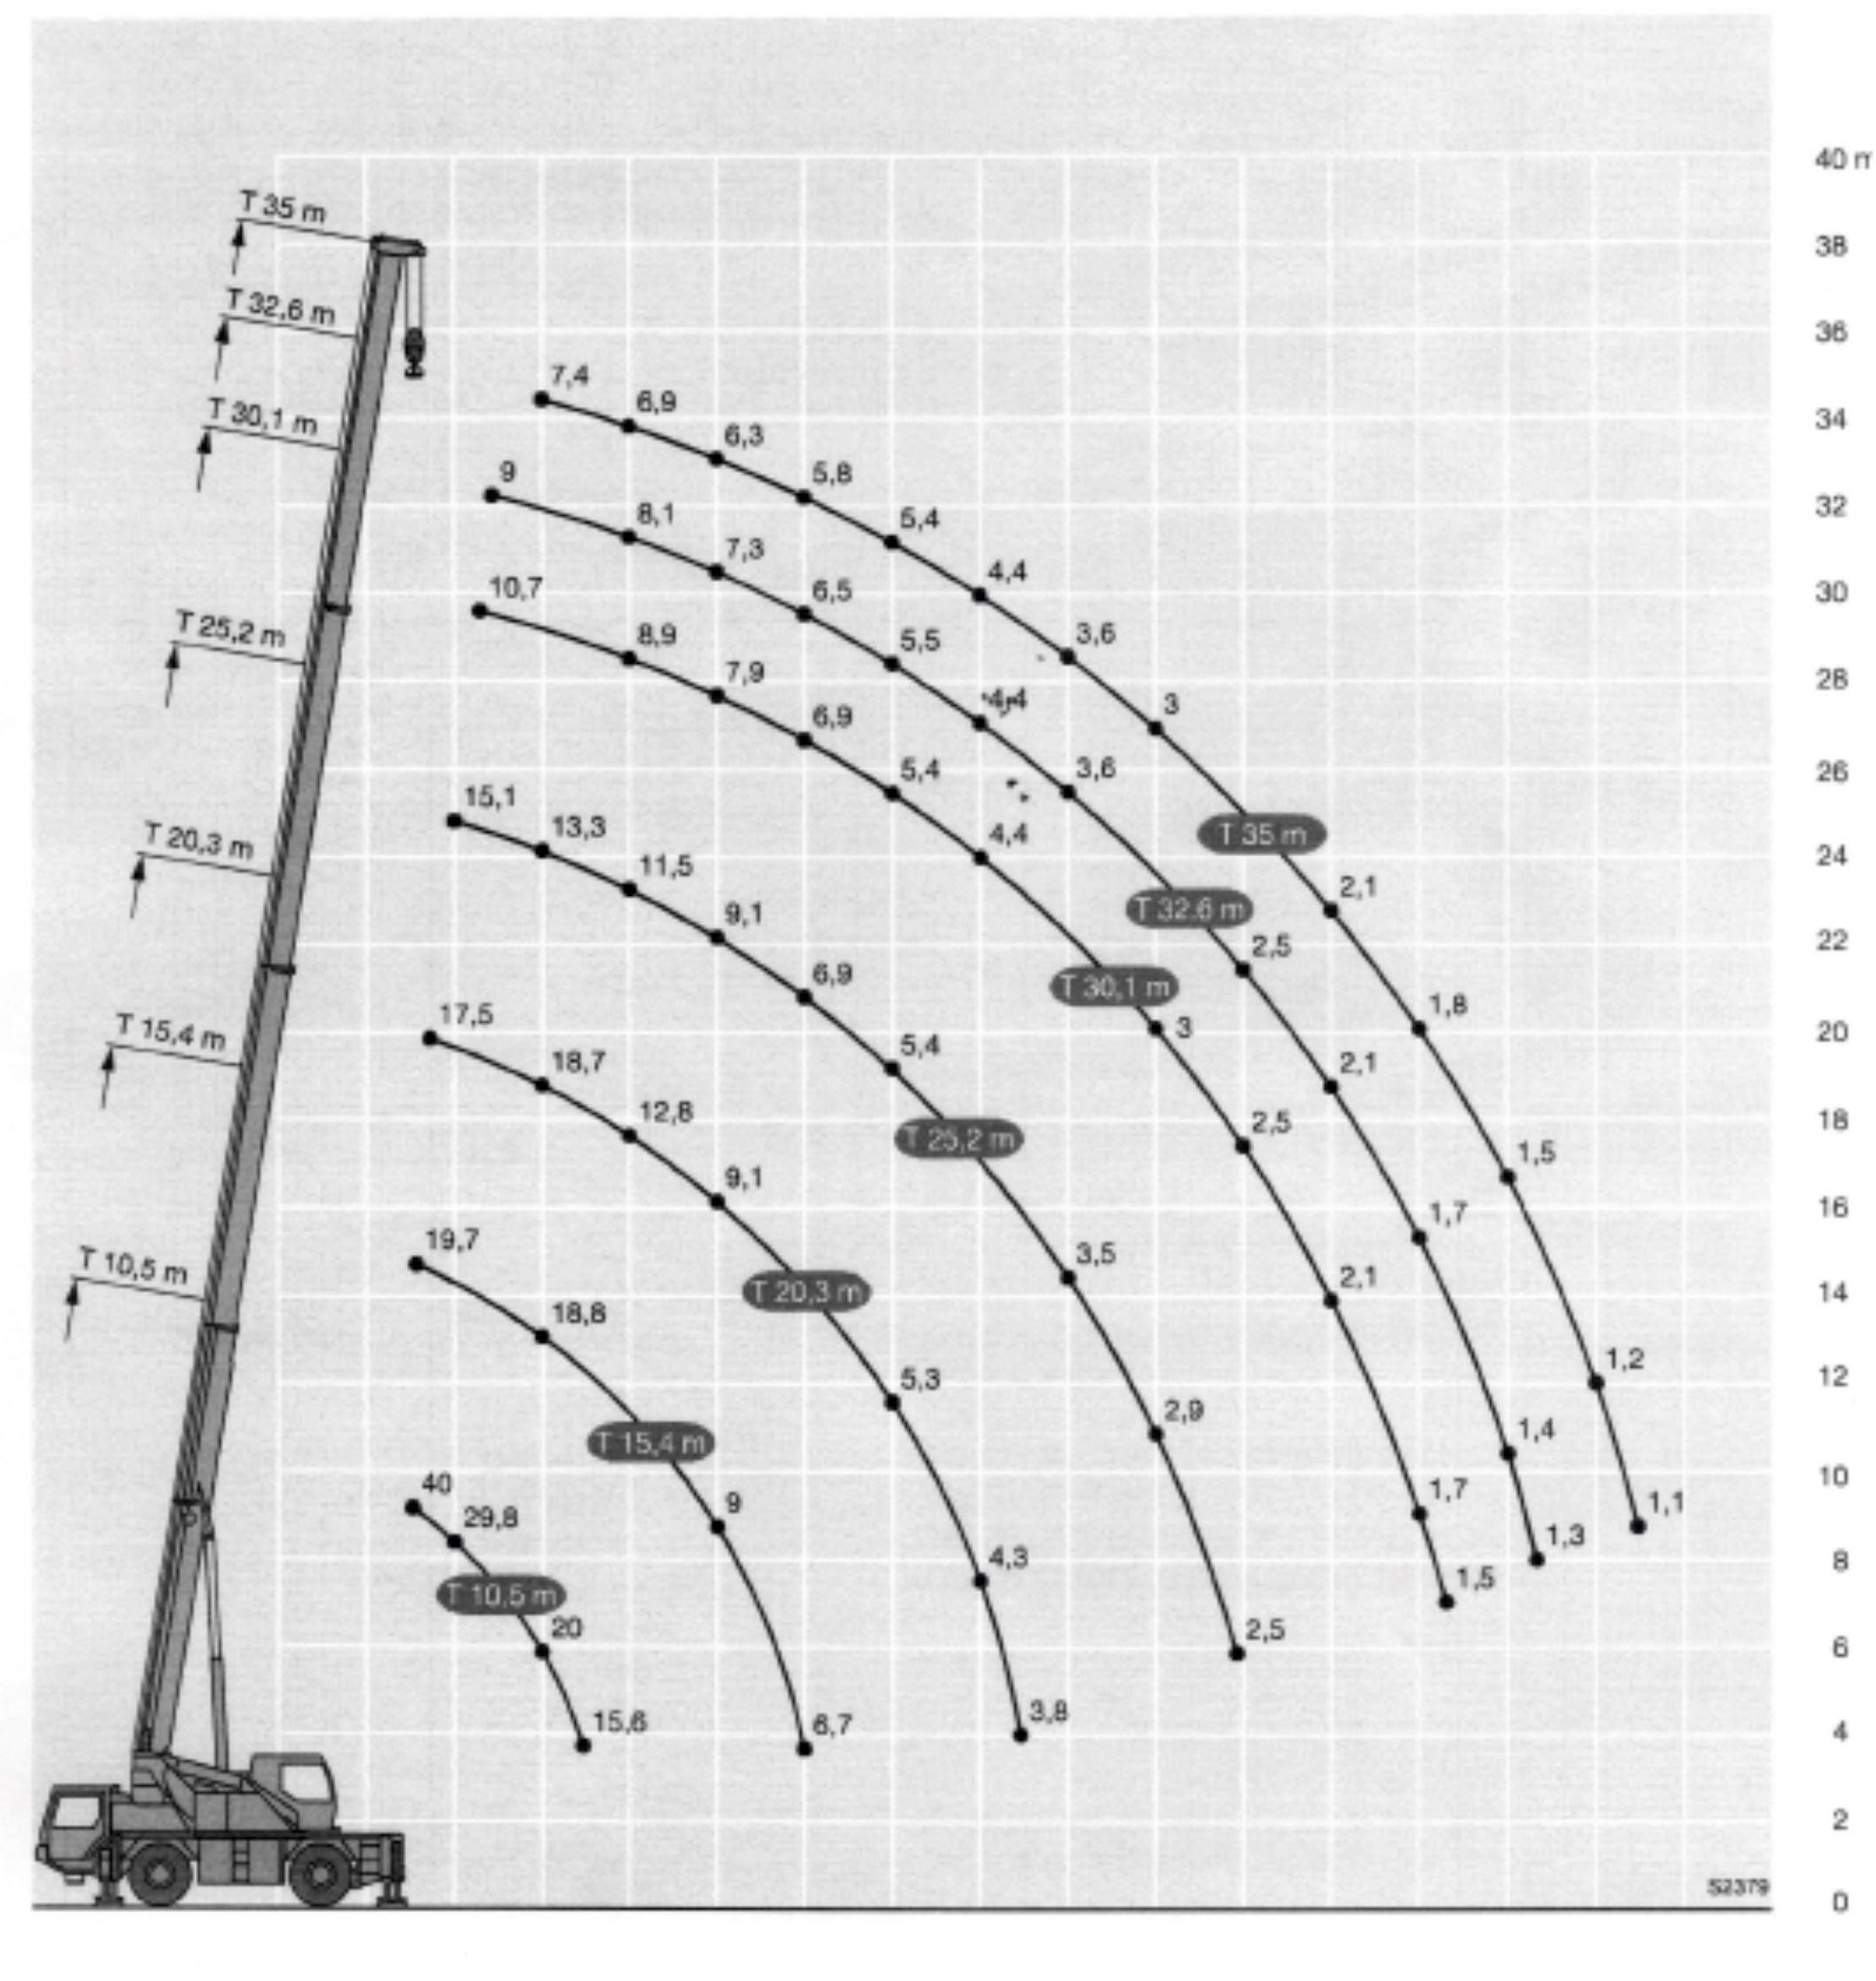 Inchiriere macara 40 de tone - diagrama 40 tone